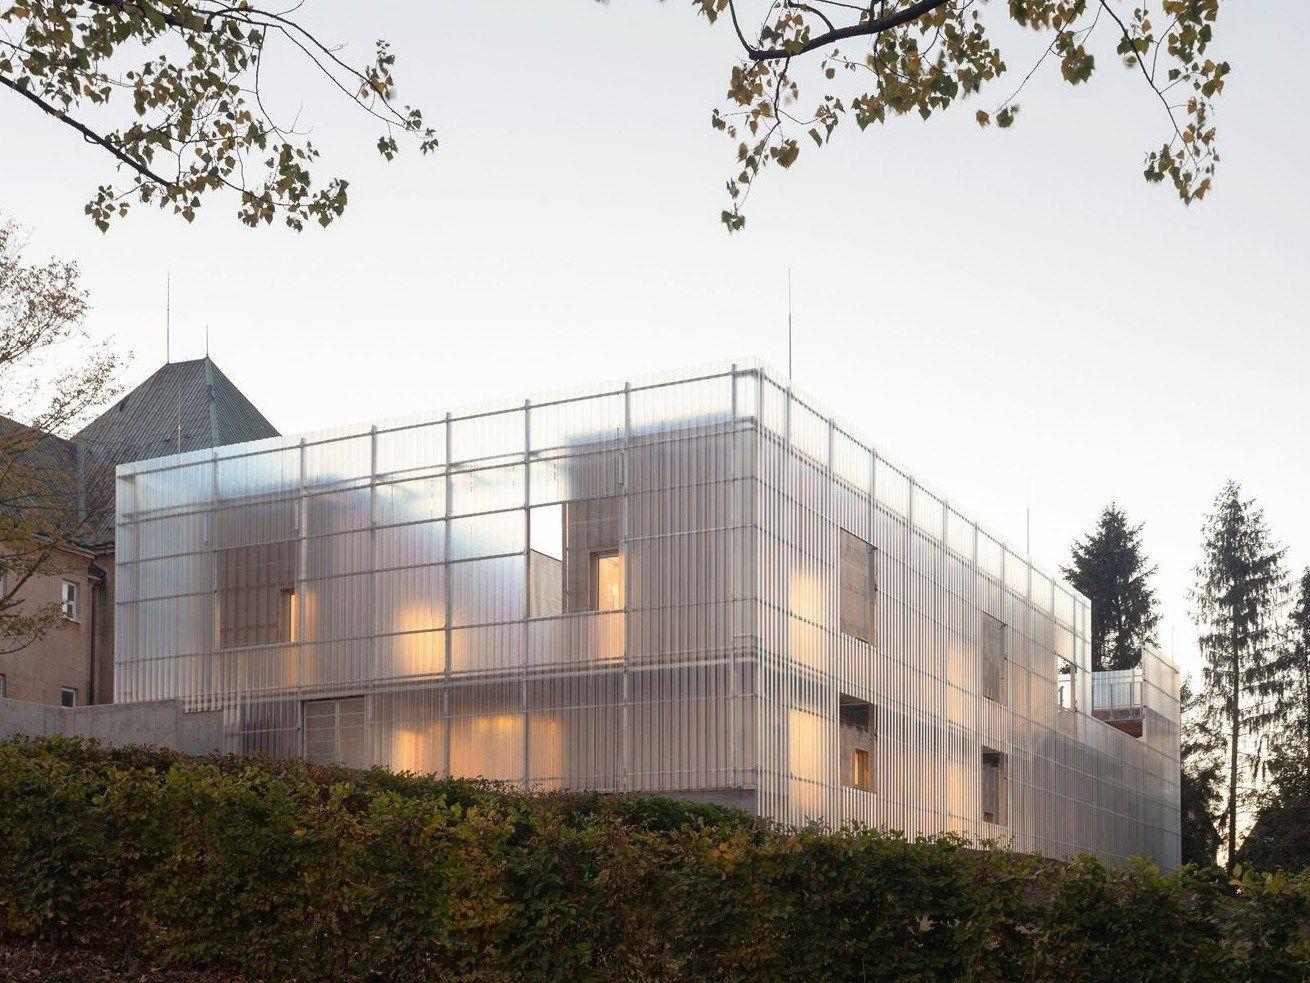 Ph. ©Alex Shoots Buildings